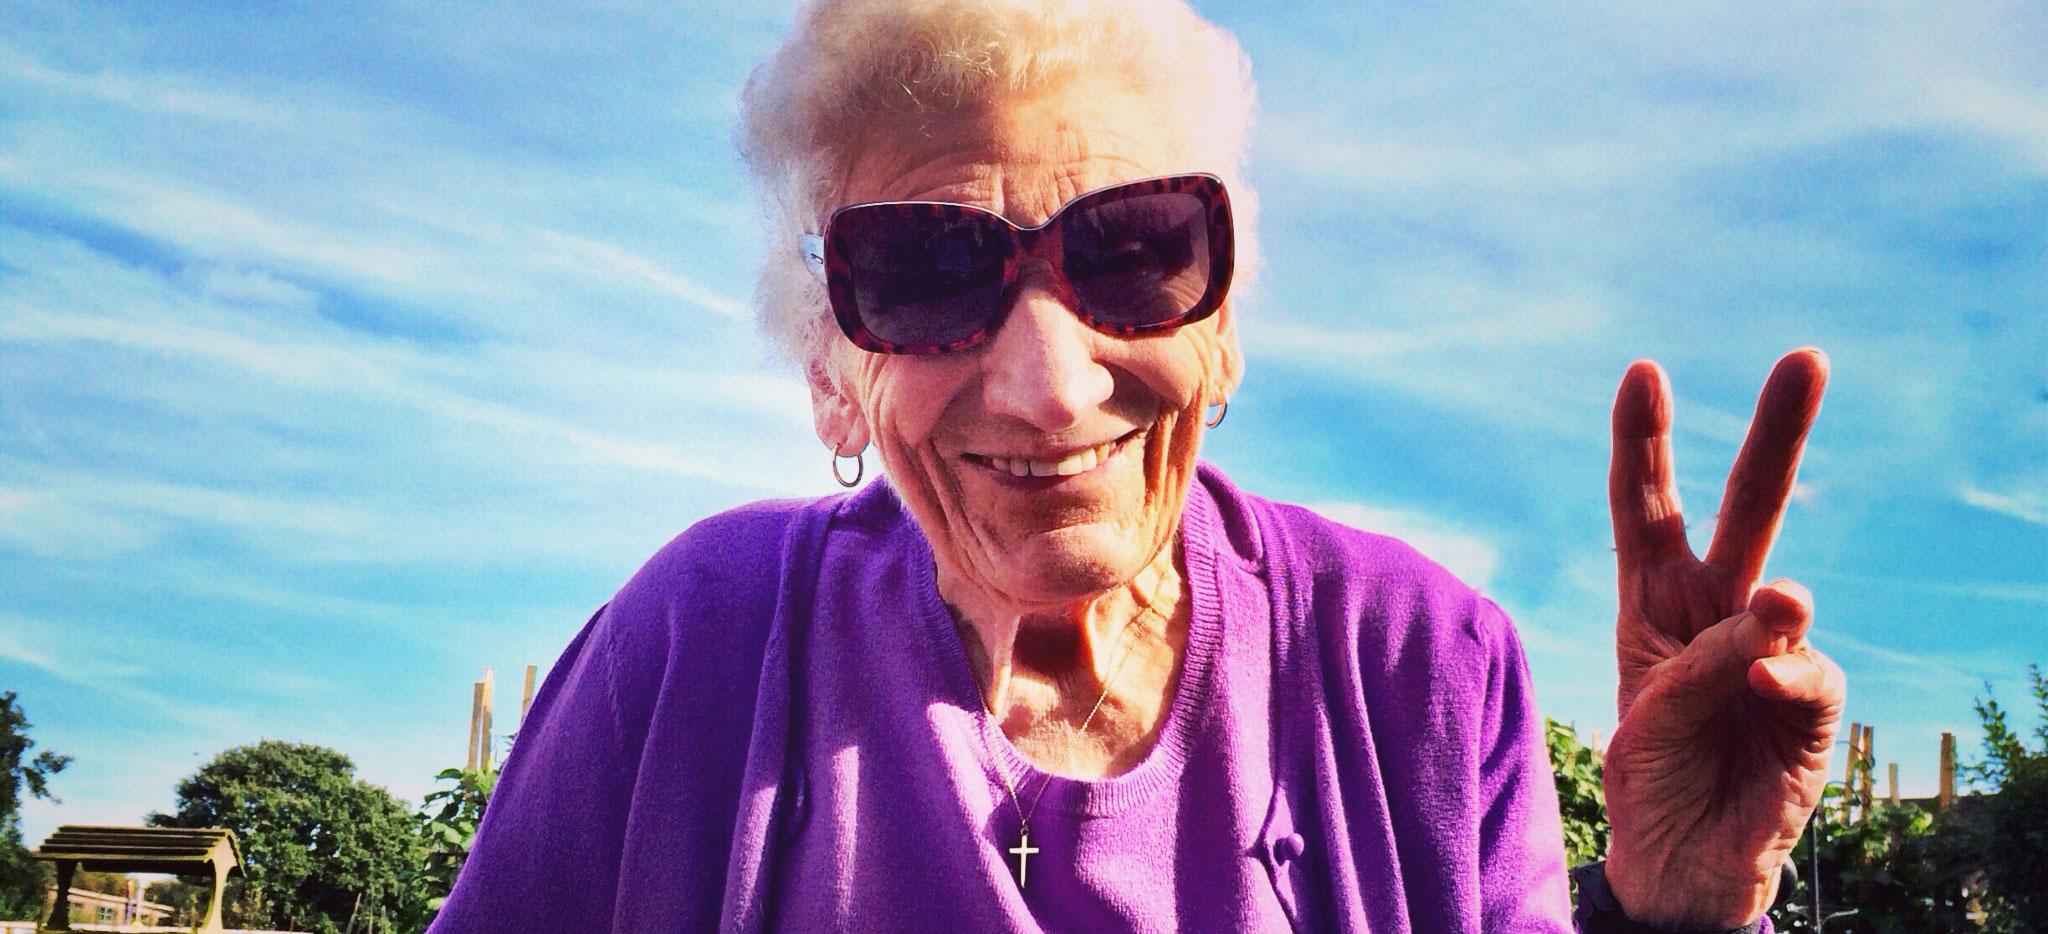 grandma-peace.jpg